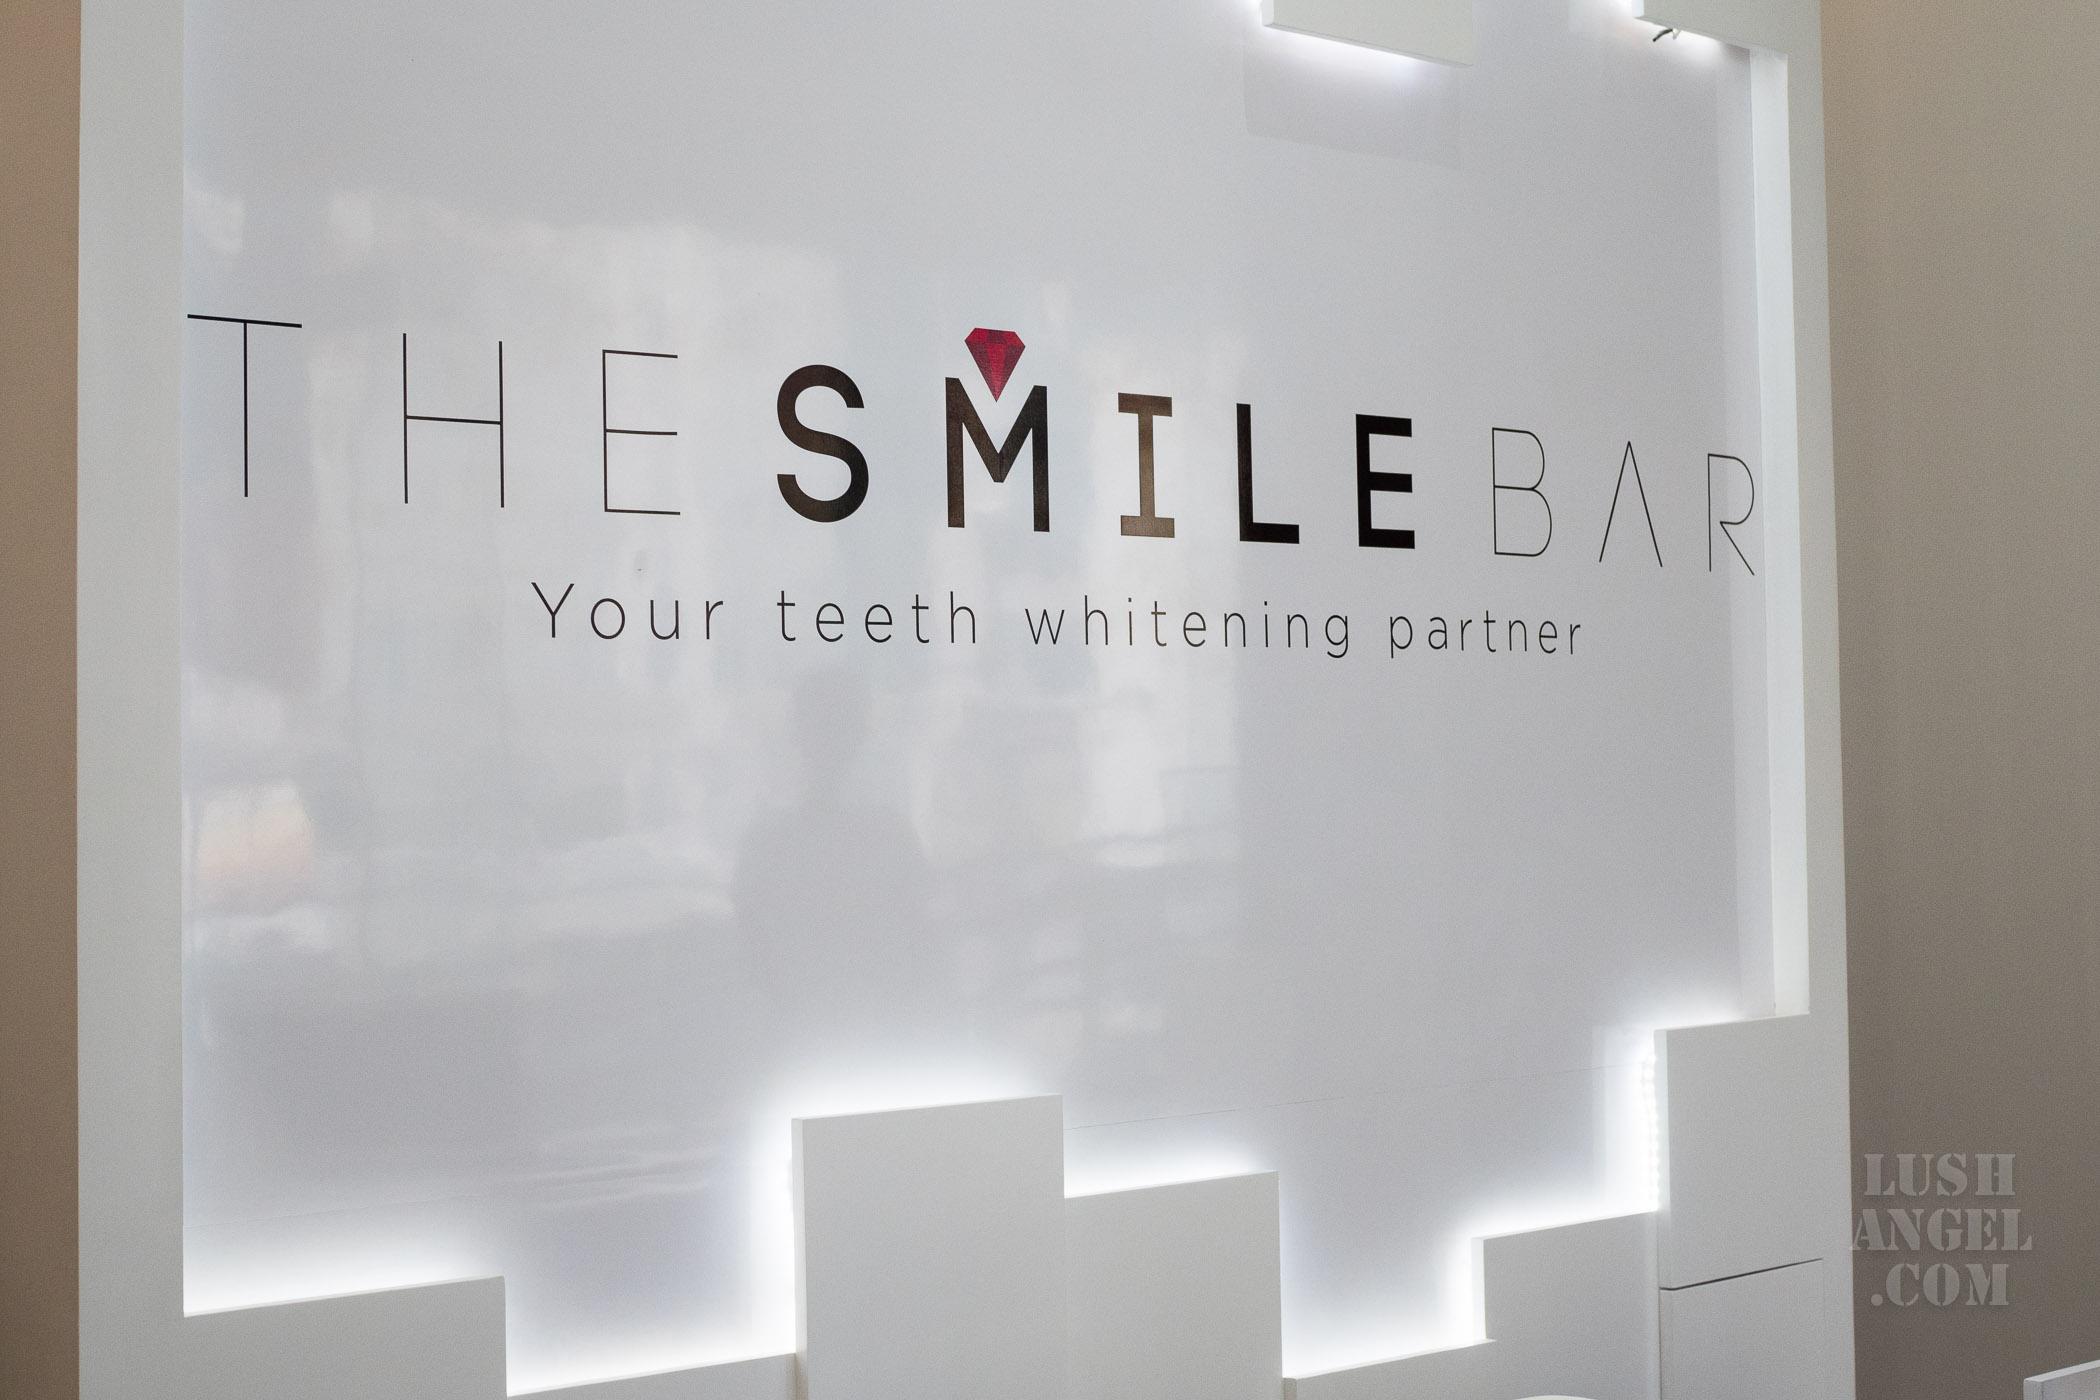 smile-bar